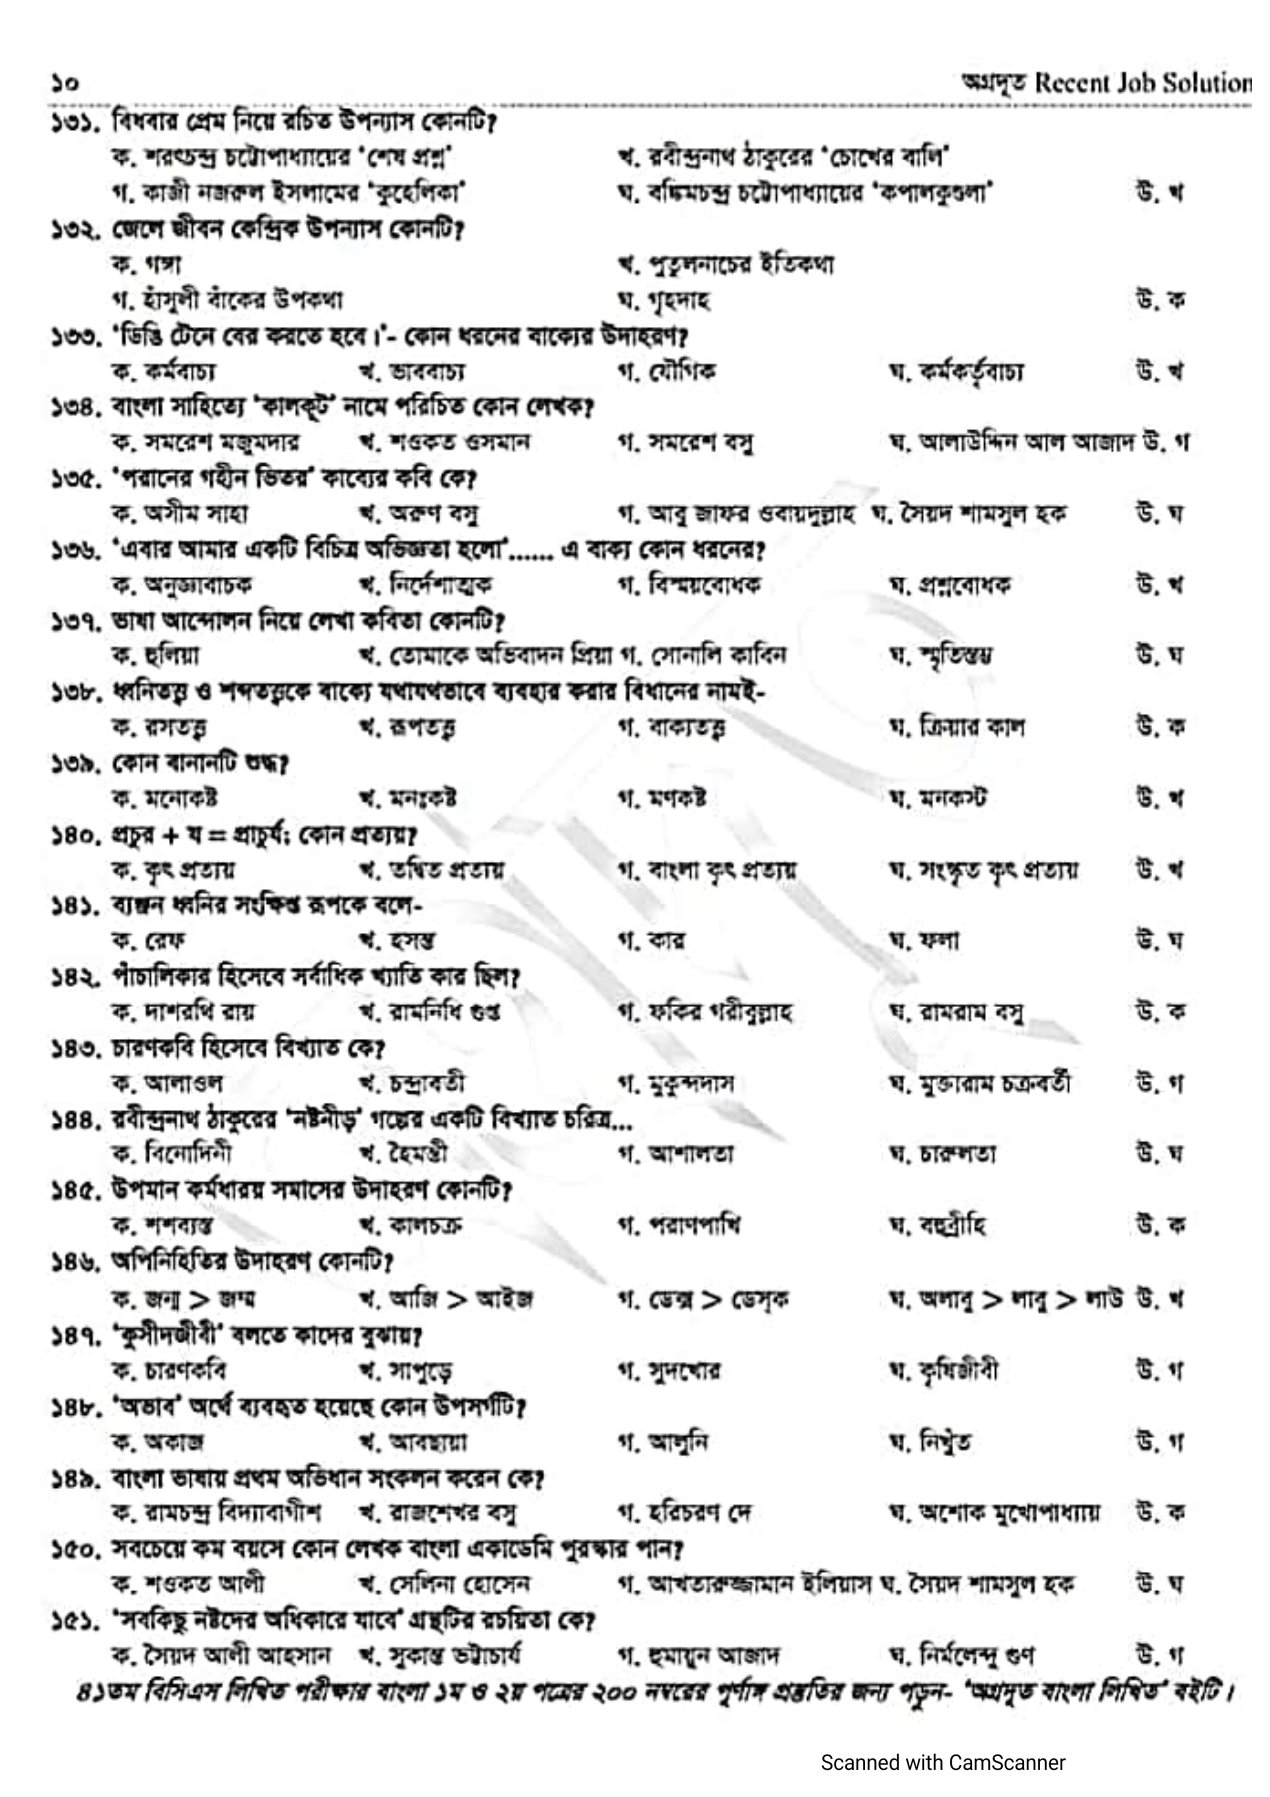 ৪১ তম বিসিএস প্রশ্ন সমাধান PDF Download | 41 bcs question solution pdf download